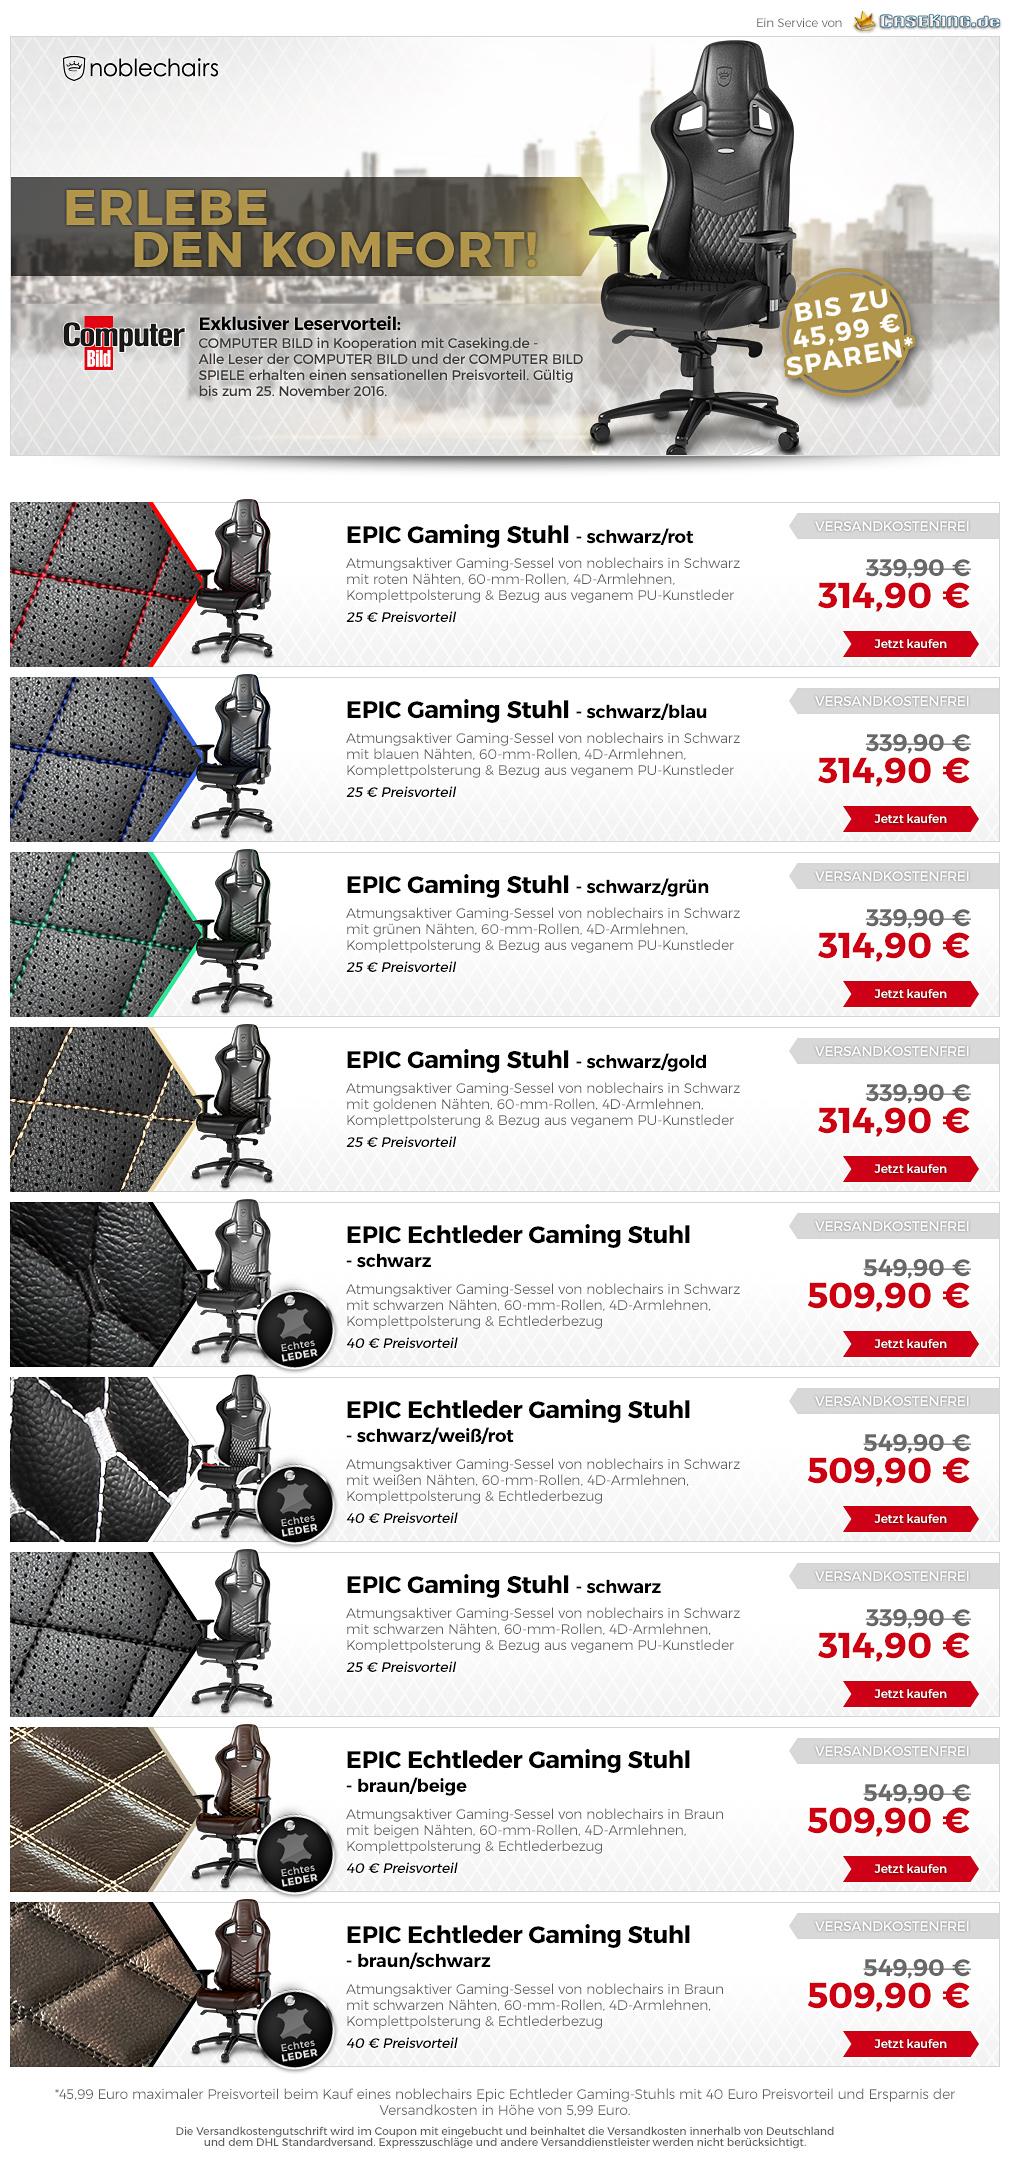 Noblechairs Angebote für alle Modelle [caseking.de]